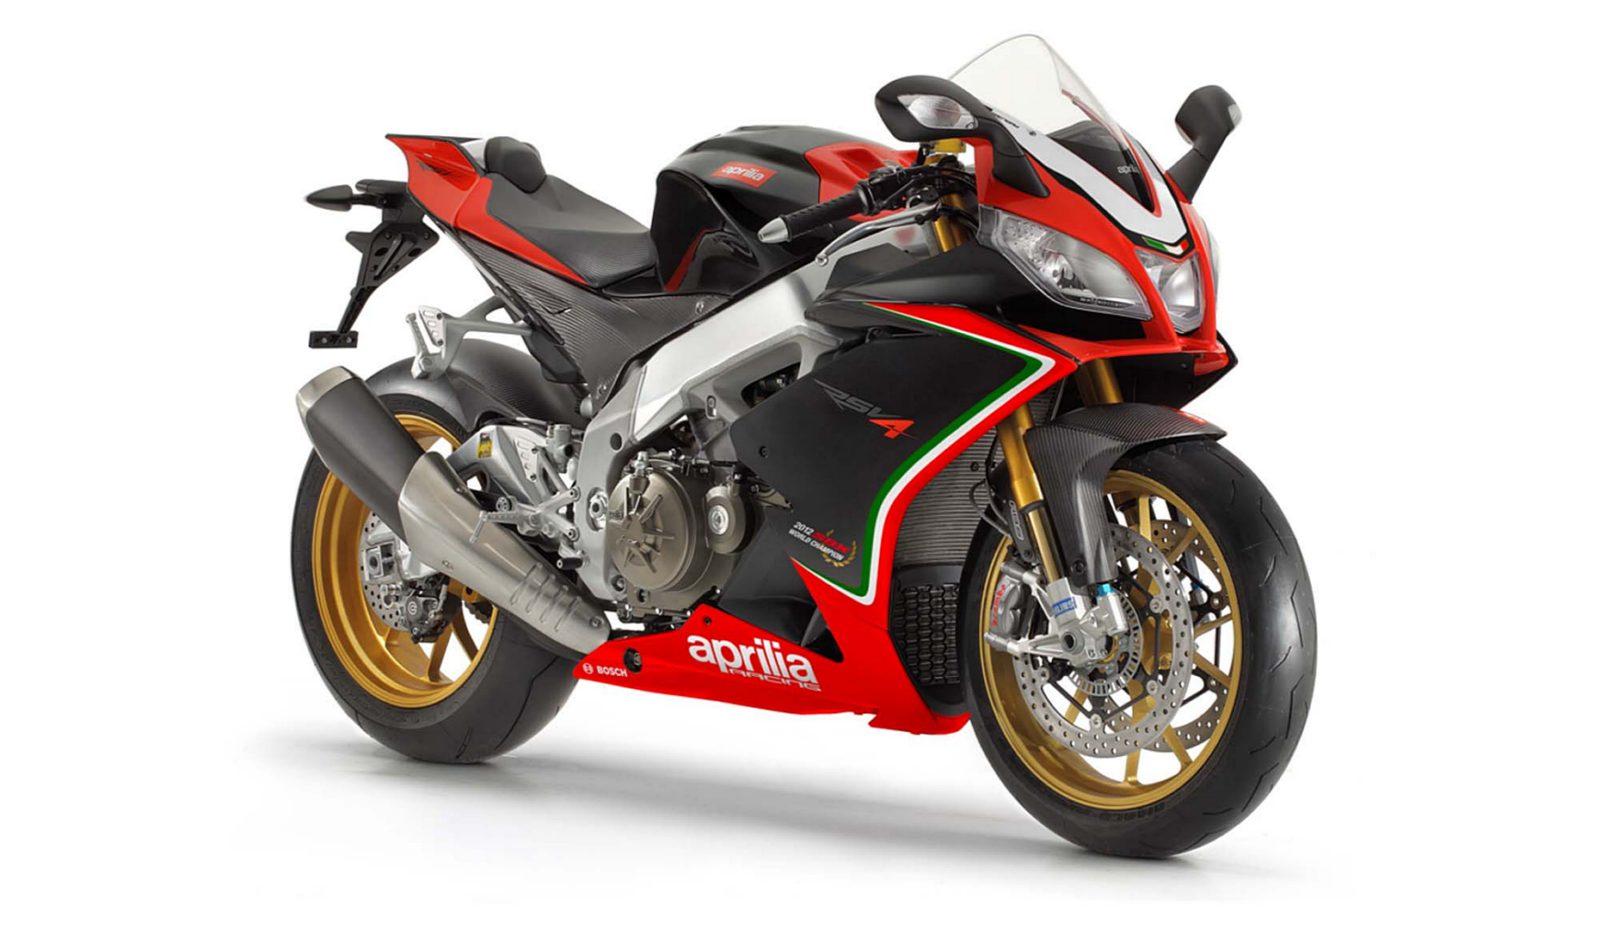 Lower Prices for 2013 Aprilias, Way Cheaper than Ducati - autoevolution